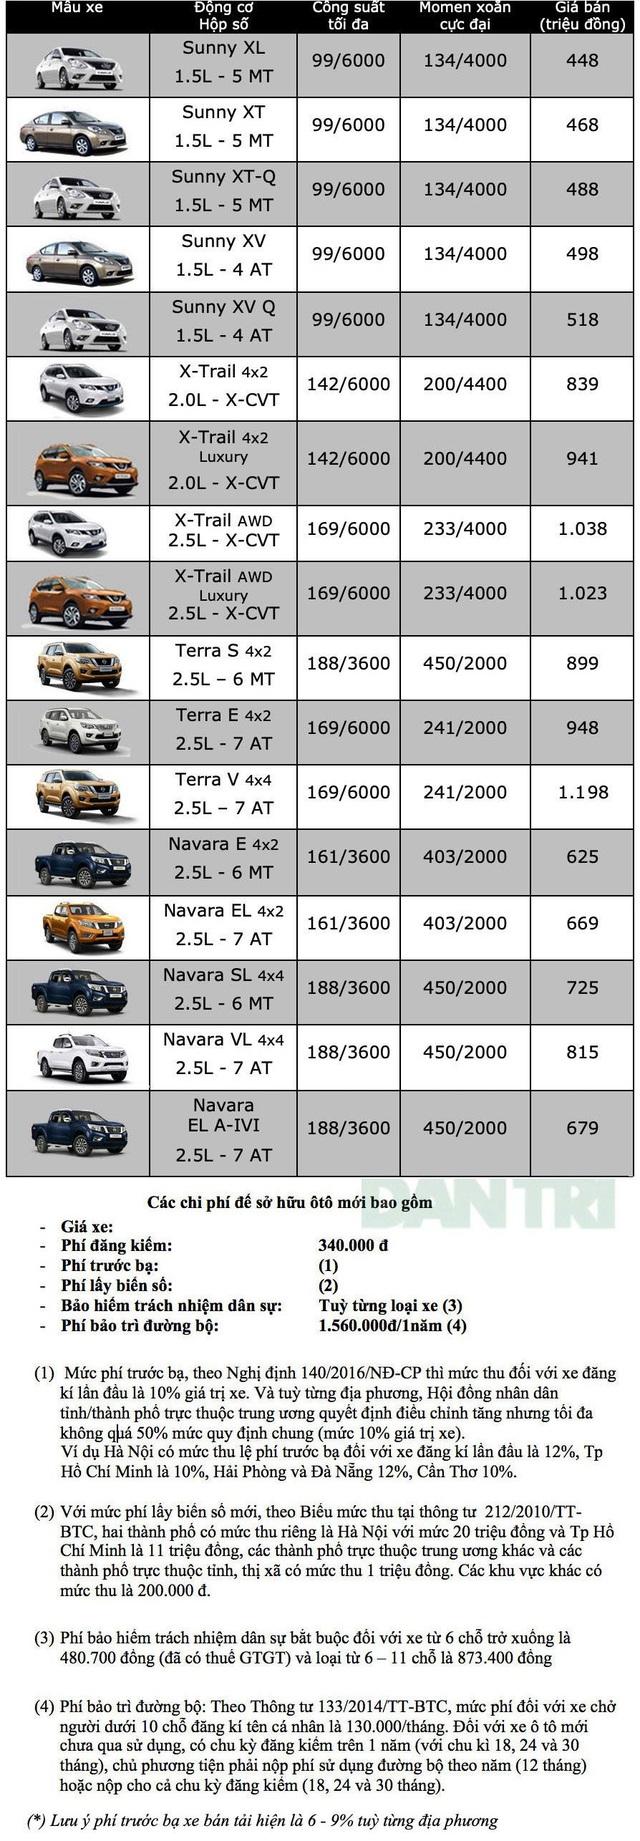 Bảng giá Nissan tại Việt Nam cập nhật tháng 9/2019 - 1